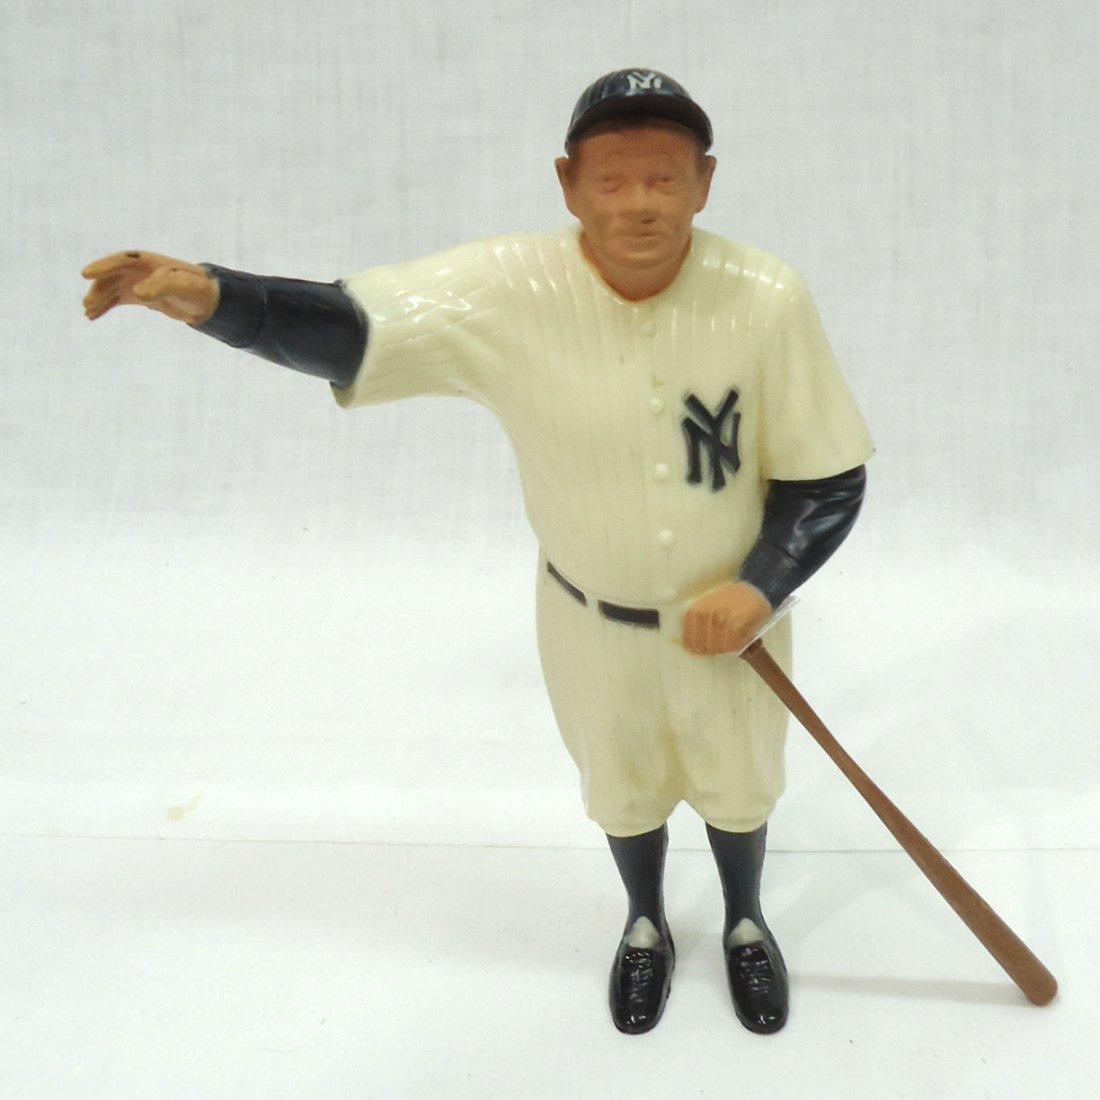 Hartland Babe Ruth Figure W/ Bat